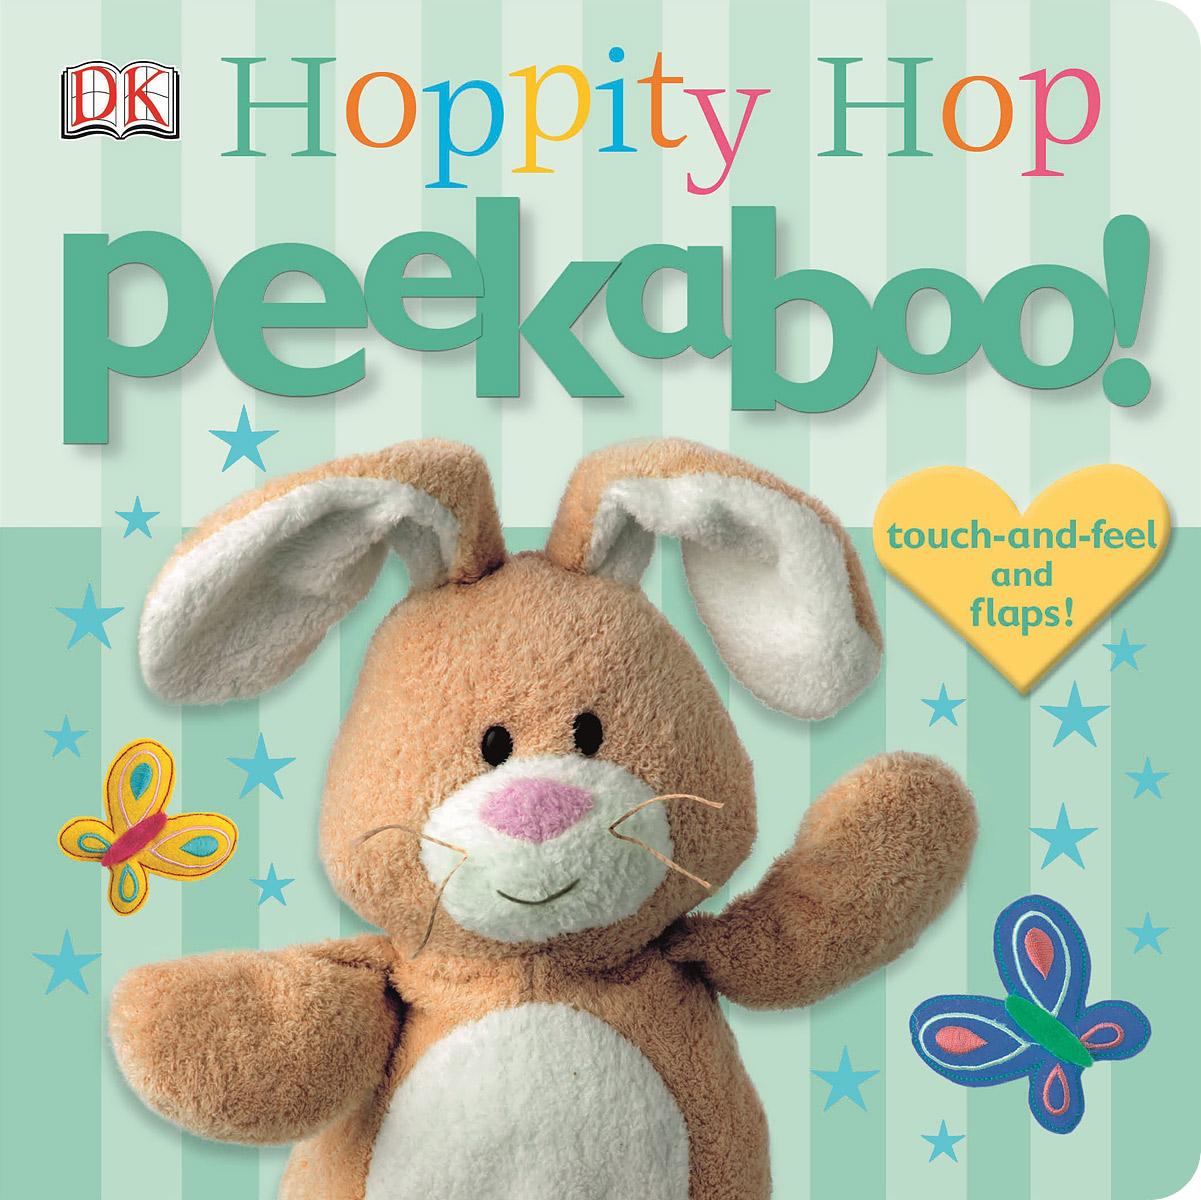 Hoppity Hop: Peekaboo!